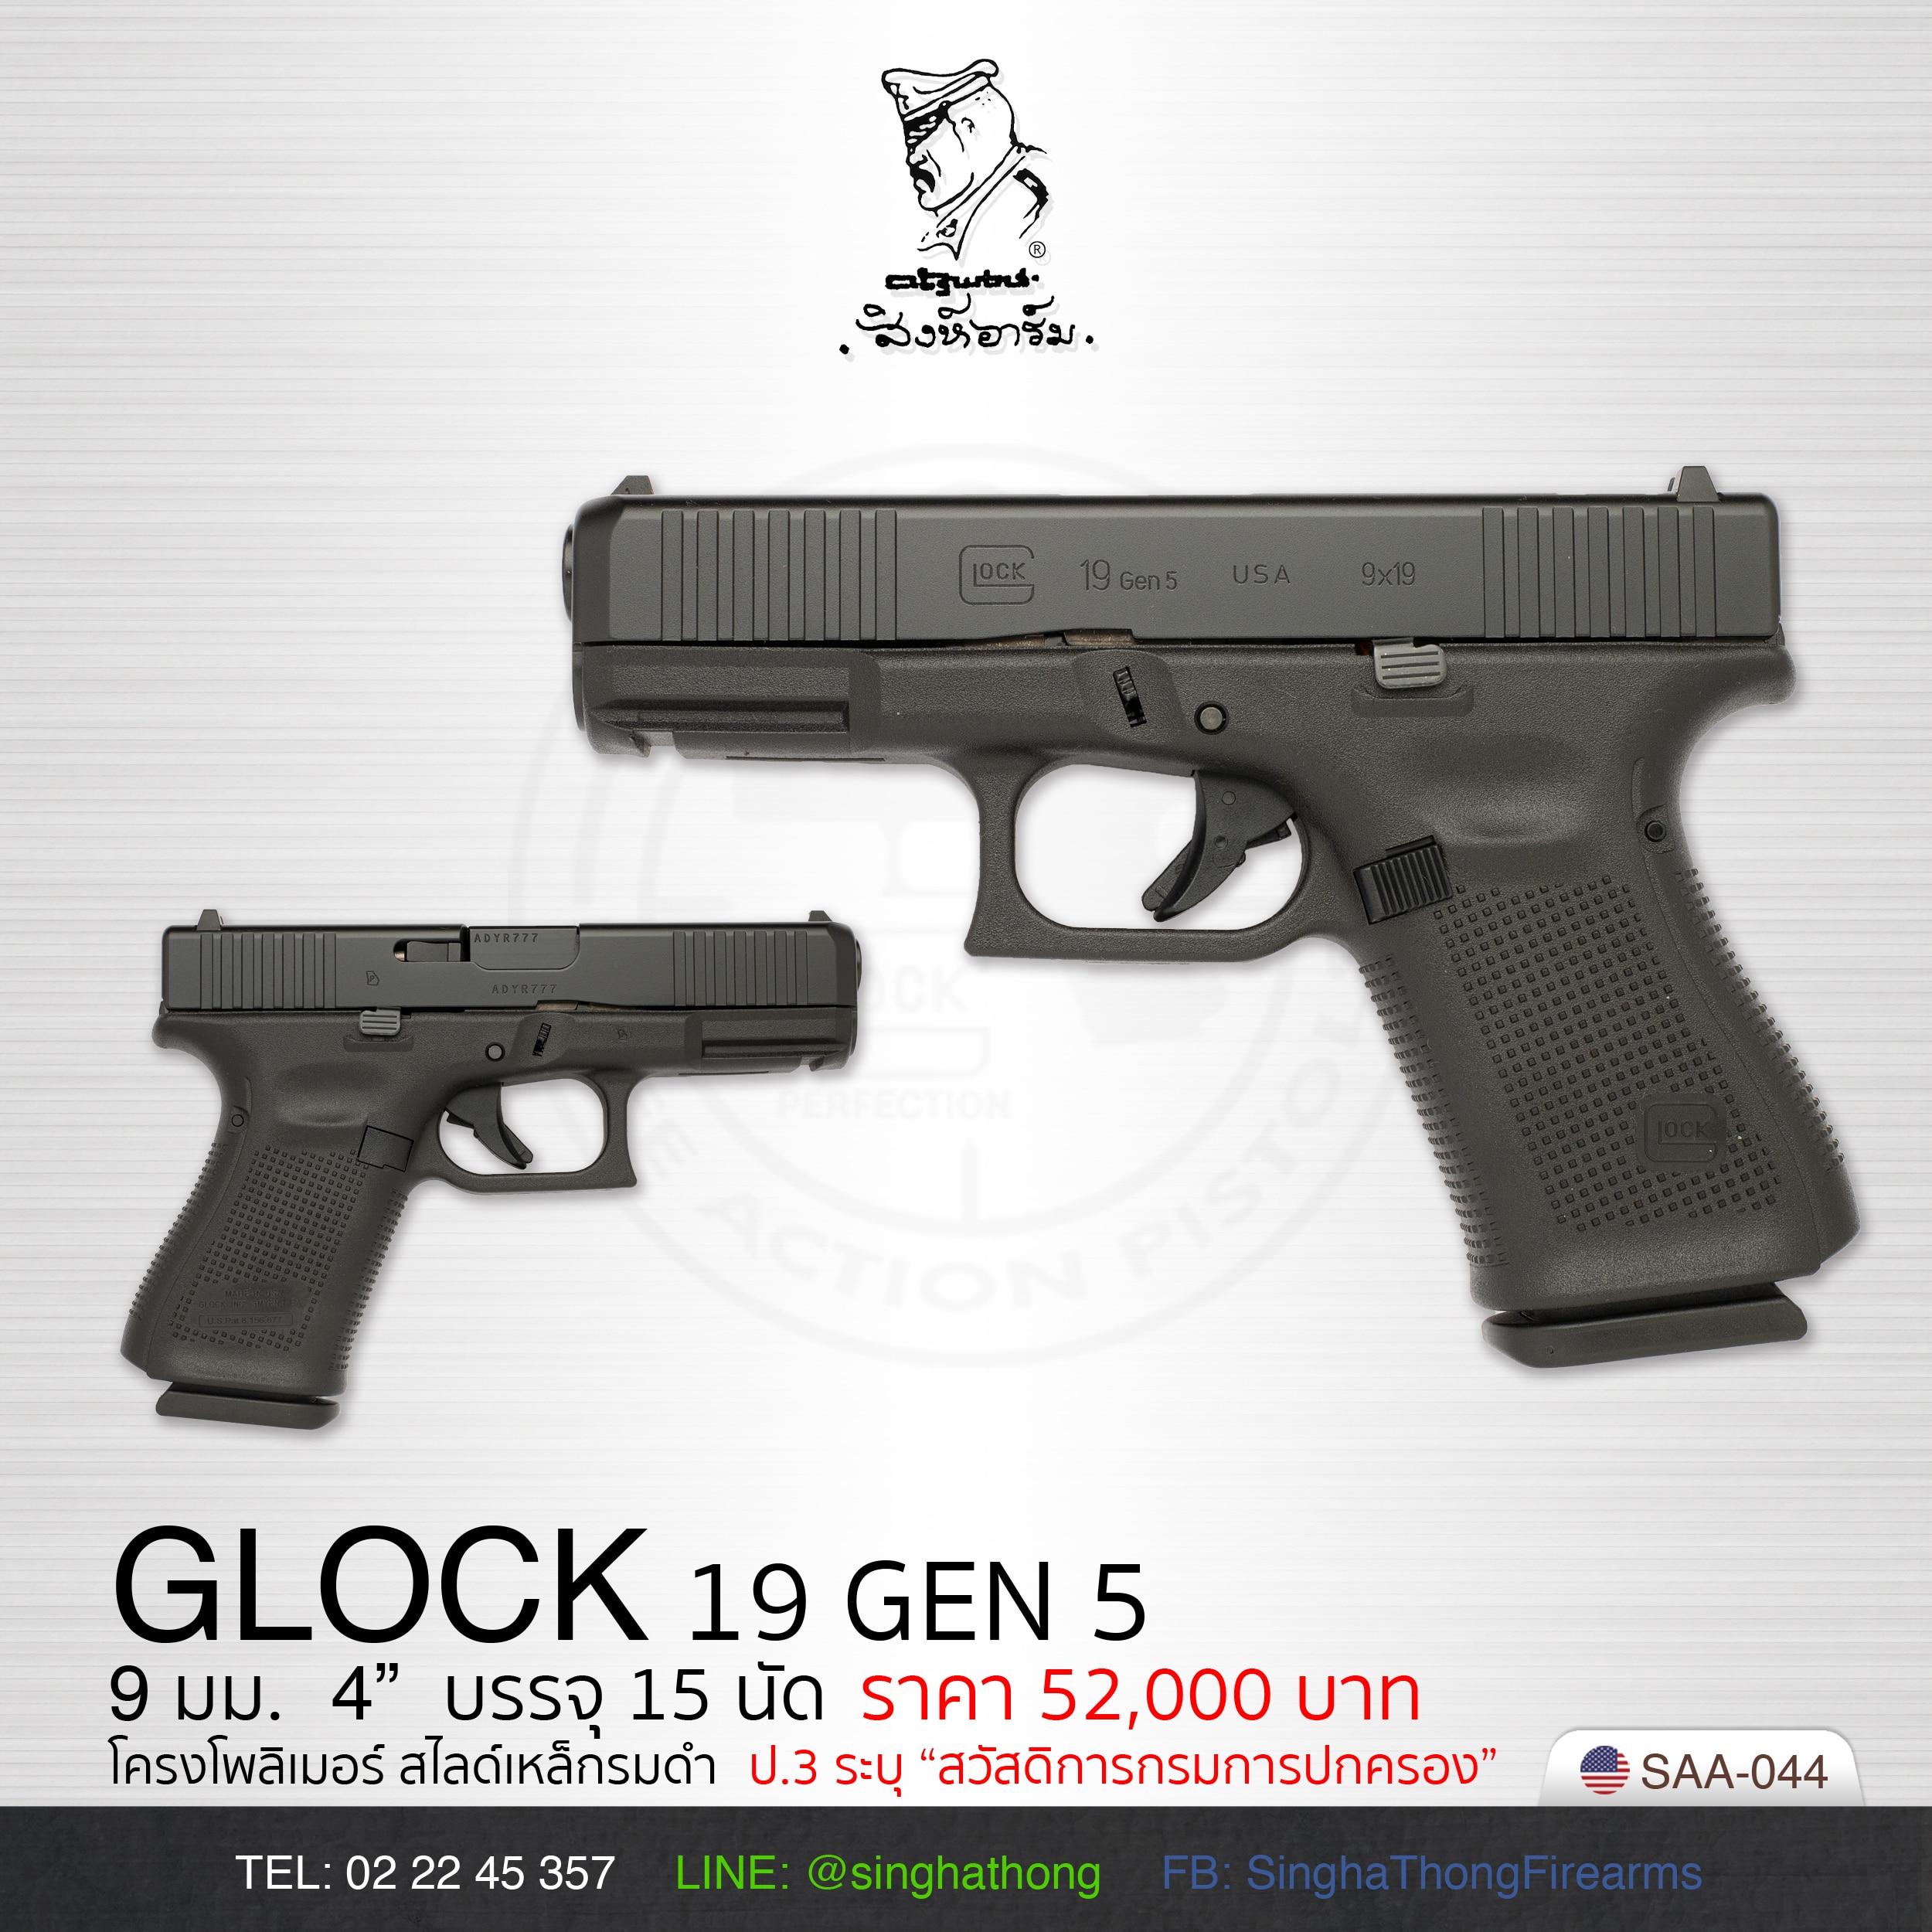 GLOCK 19 GEN 5 - สิงห์ทองไฟร์อาร์ม